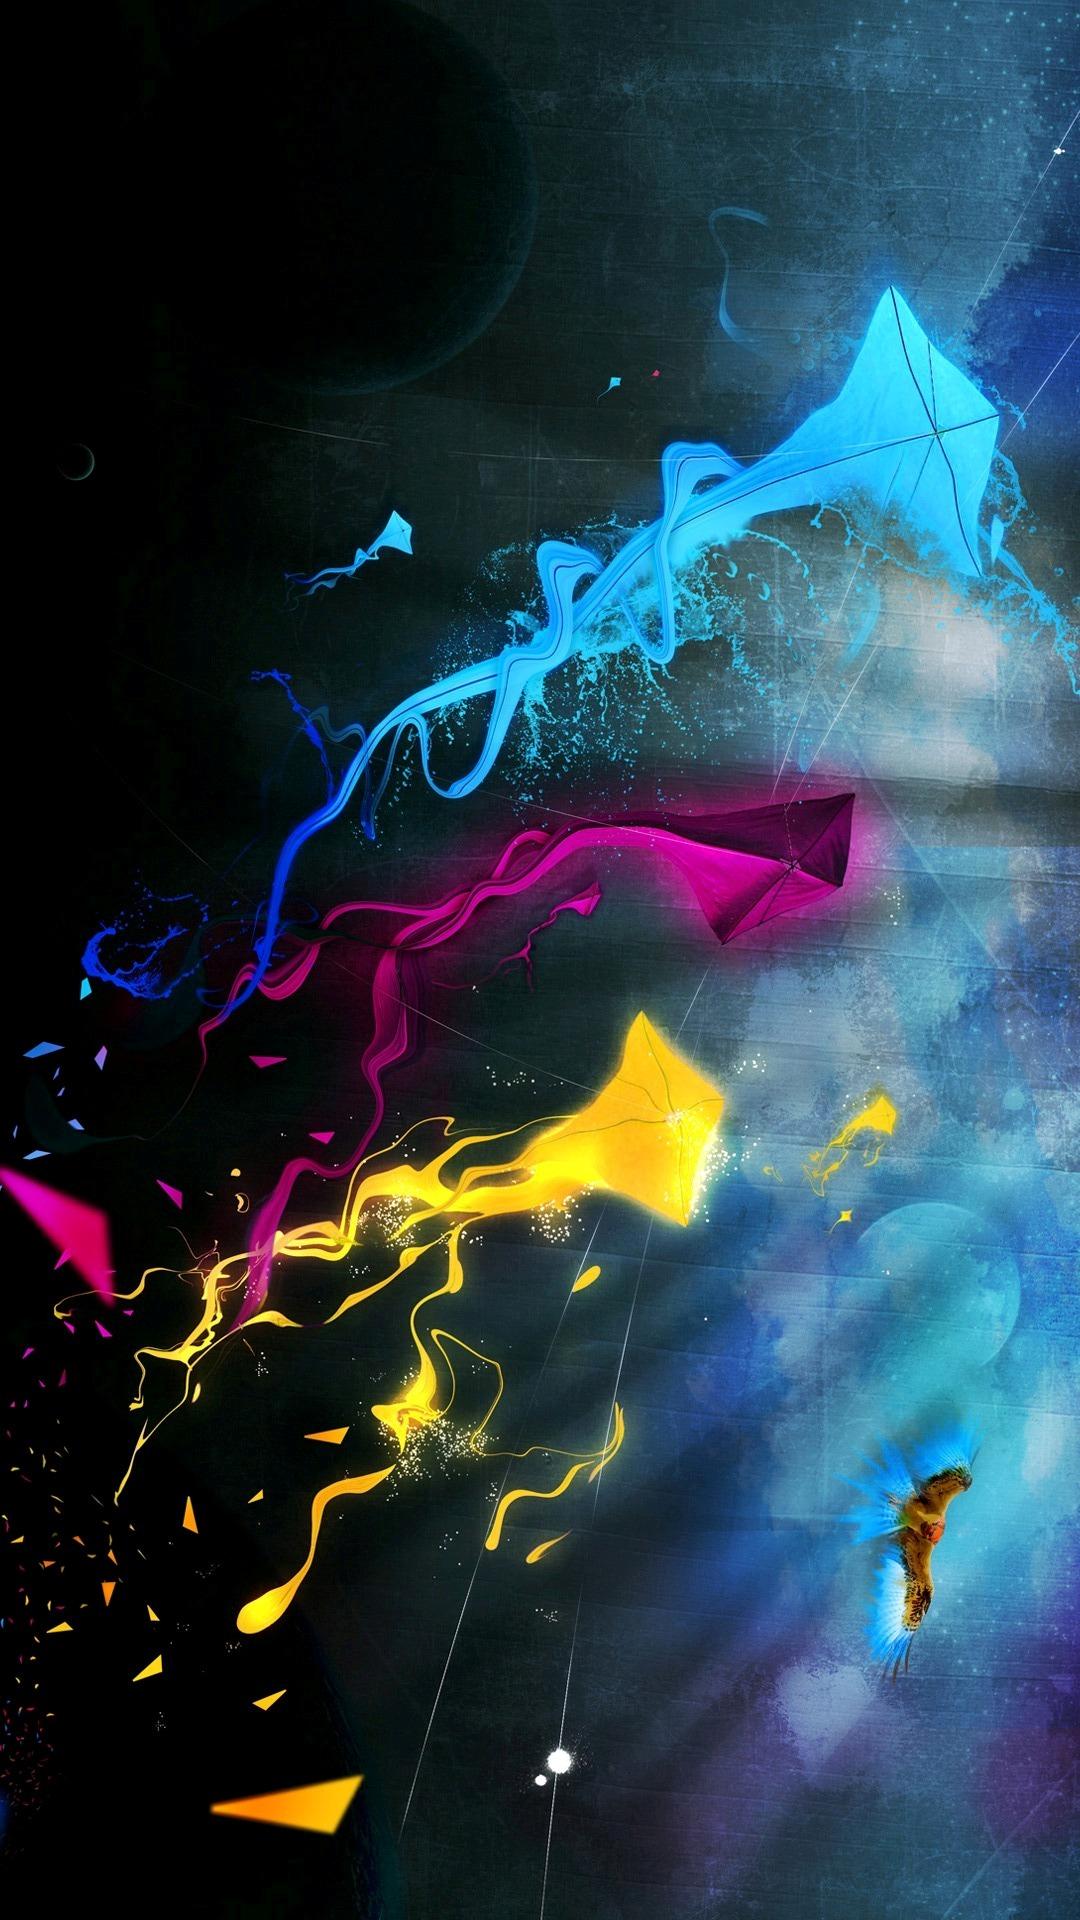 1080P Phone Wallpaper - WallpaperSafari